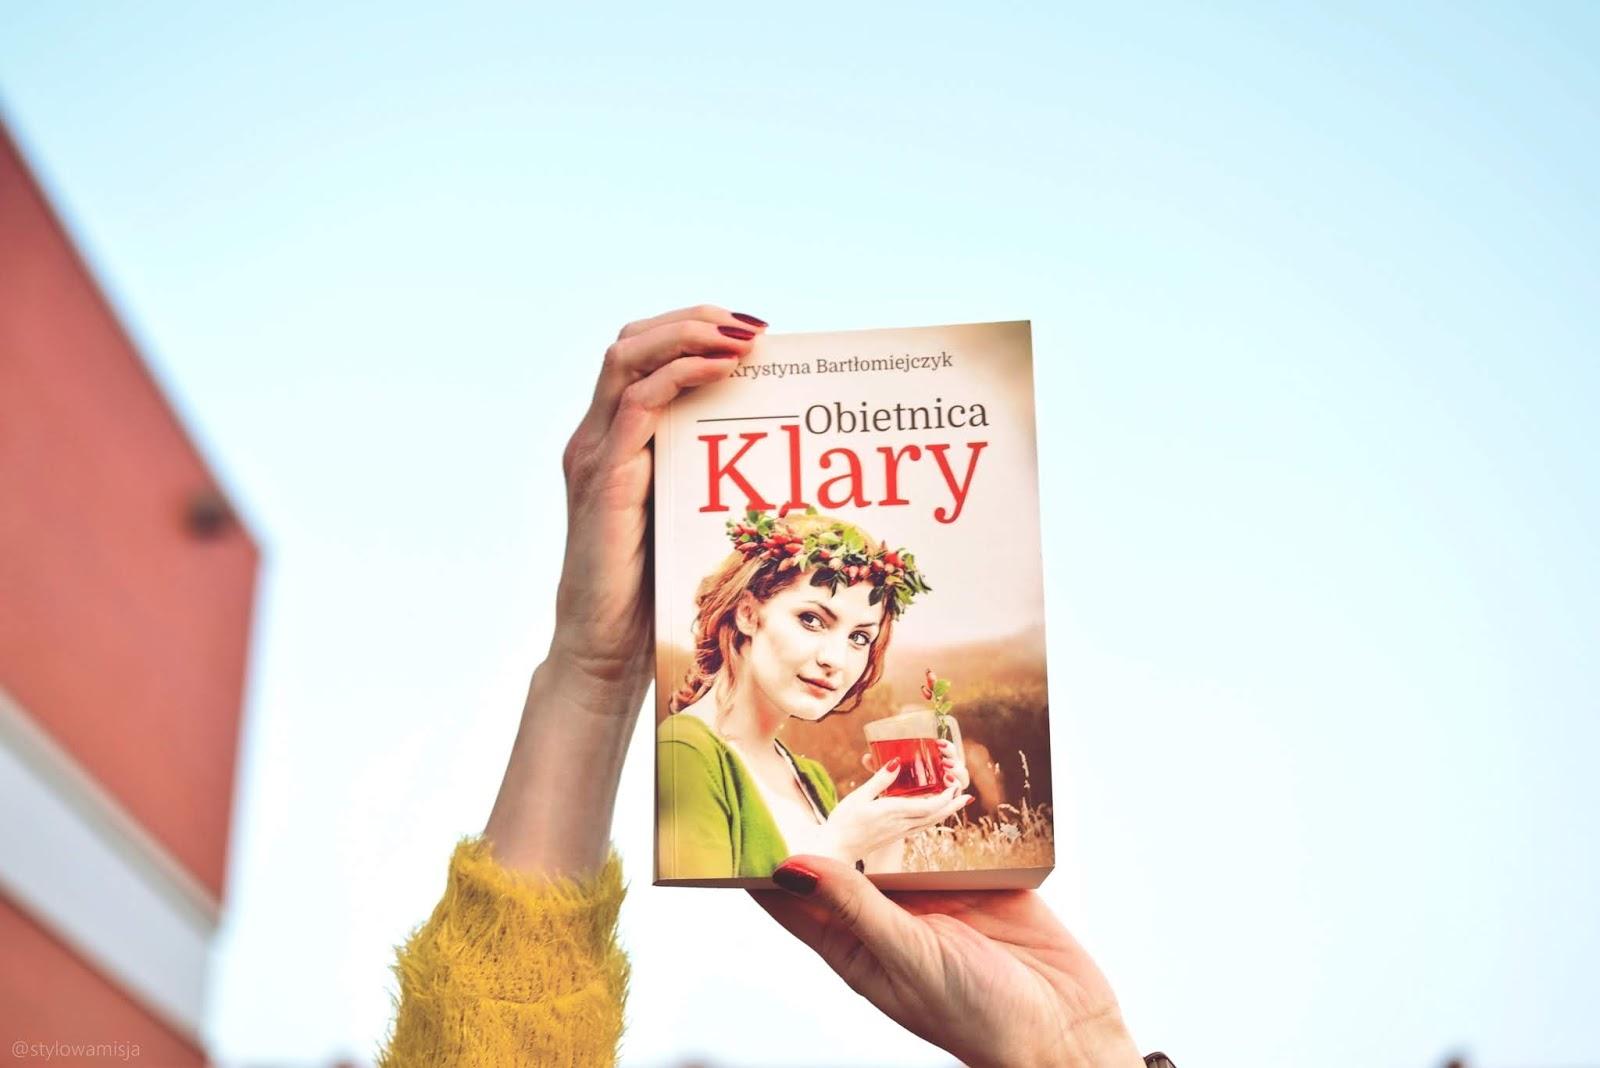 KrystynaBartłomiejczyk, ObietnicaKlary, opowiadanie, powieśćobyczajowa, recenzja, WydawnictwoProzami,